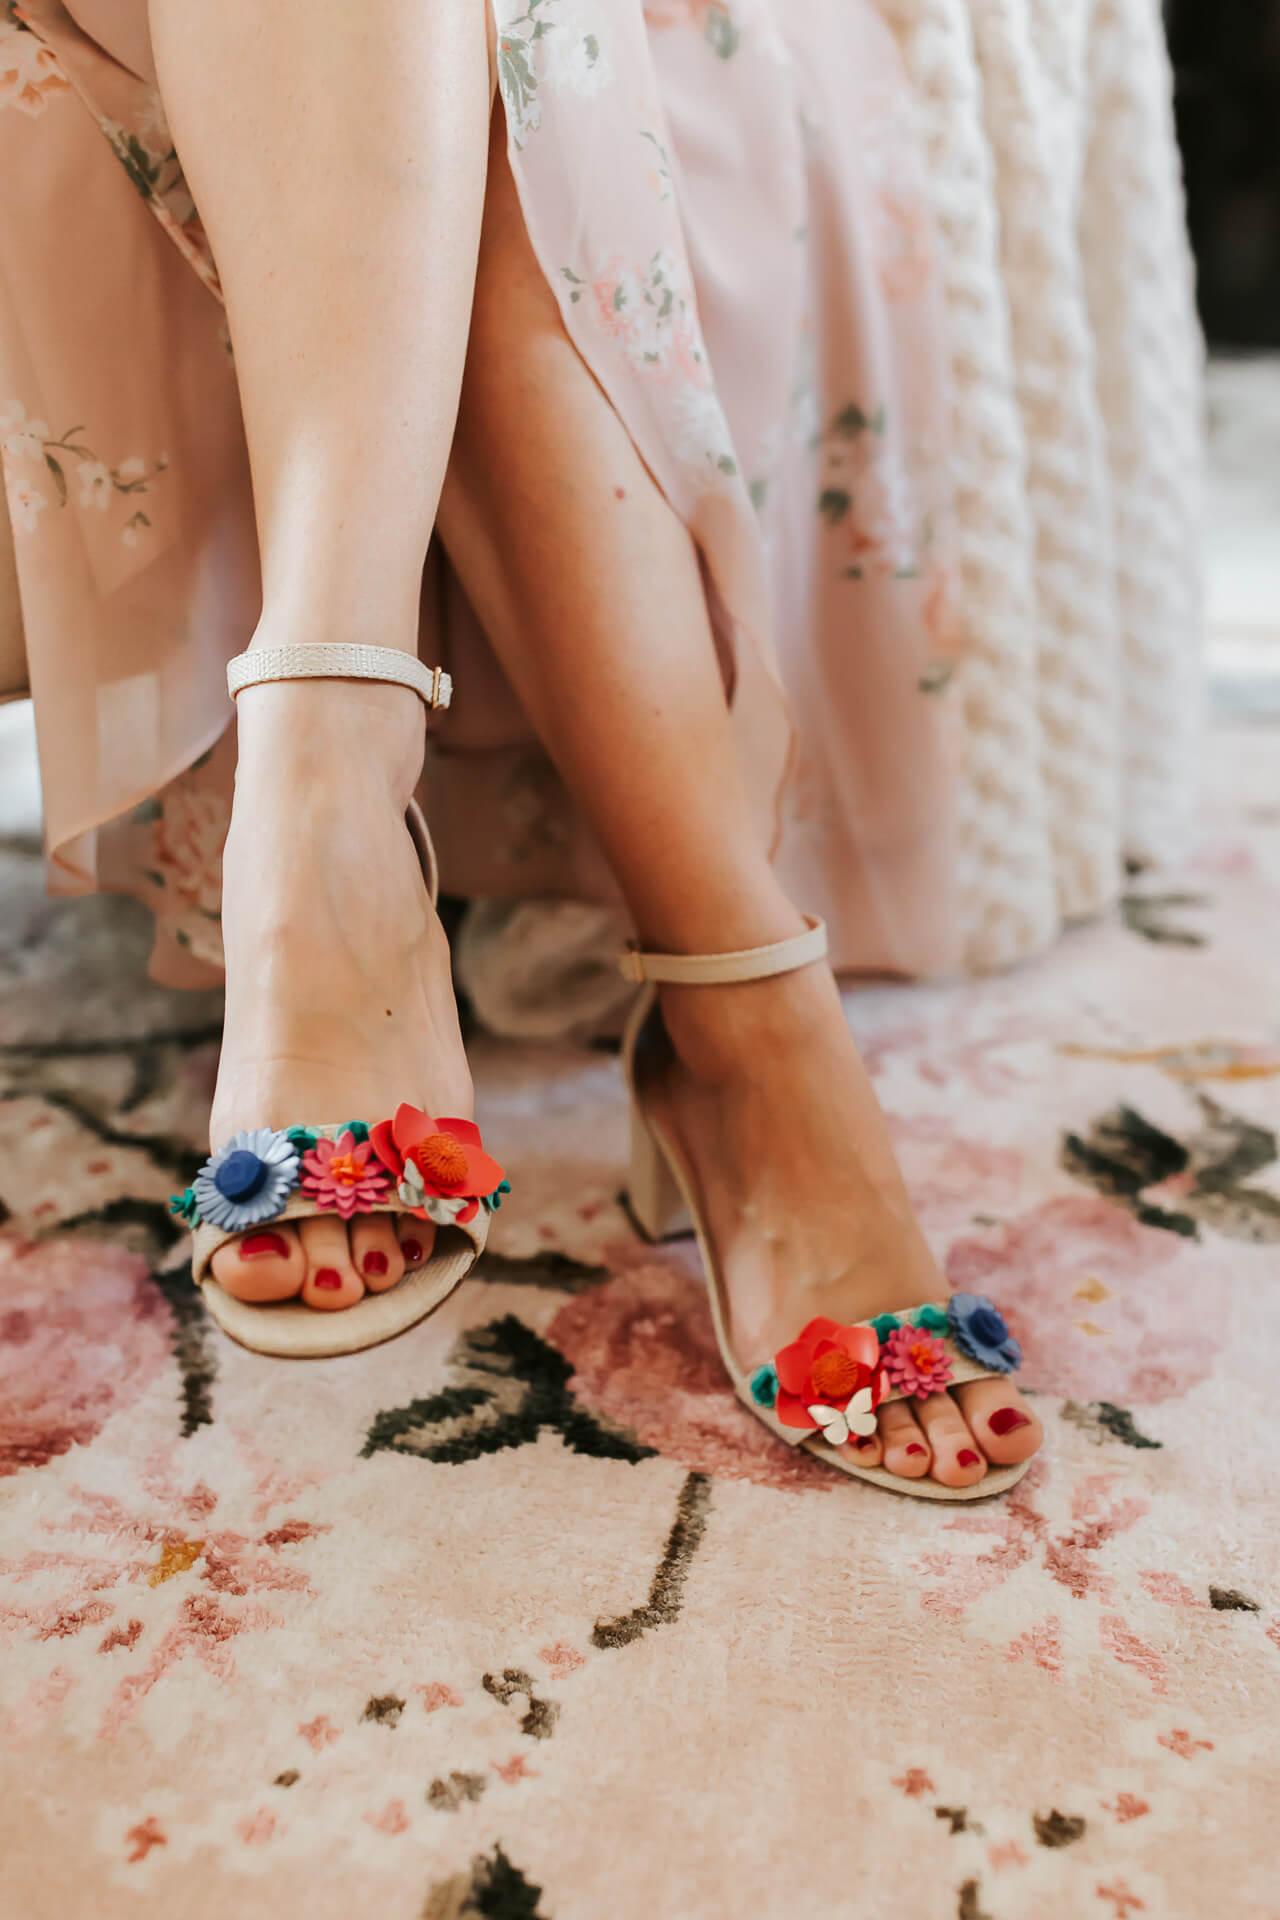 floral Kate Spade Wendy Sandal heels on Gal Meets Glam Floral rug - M Loves M @marmar